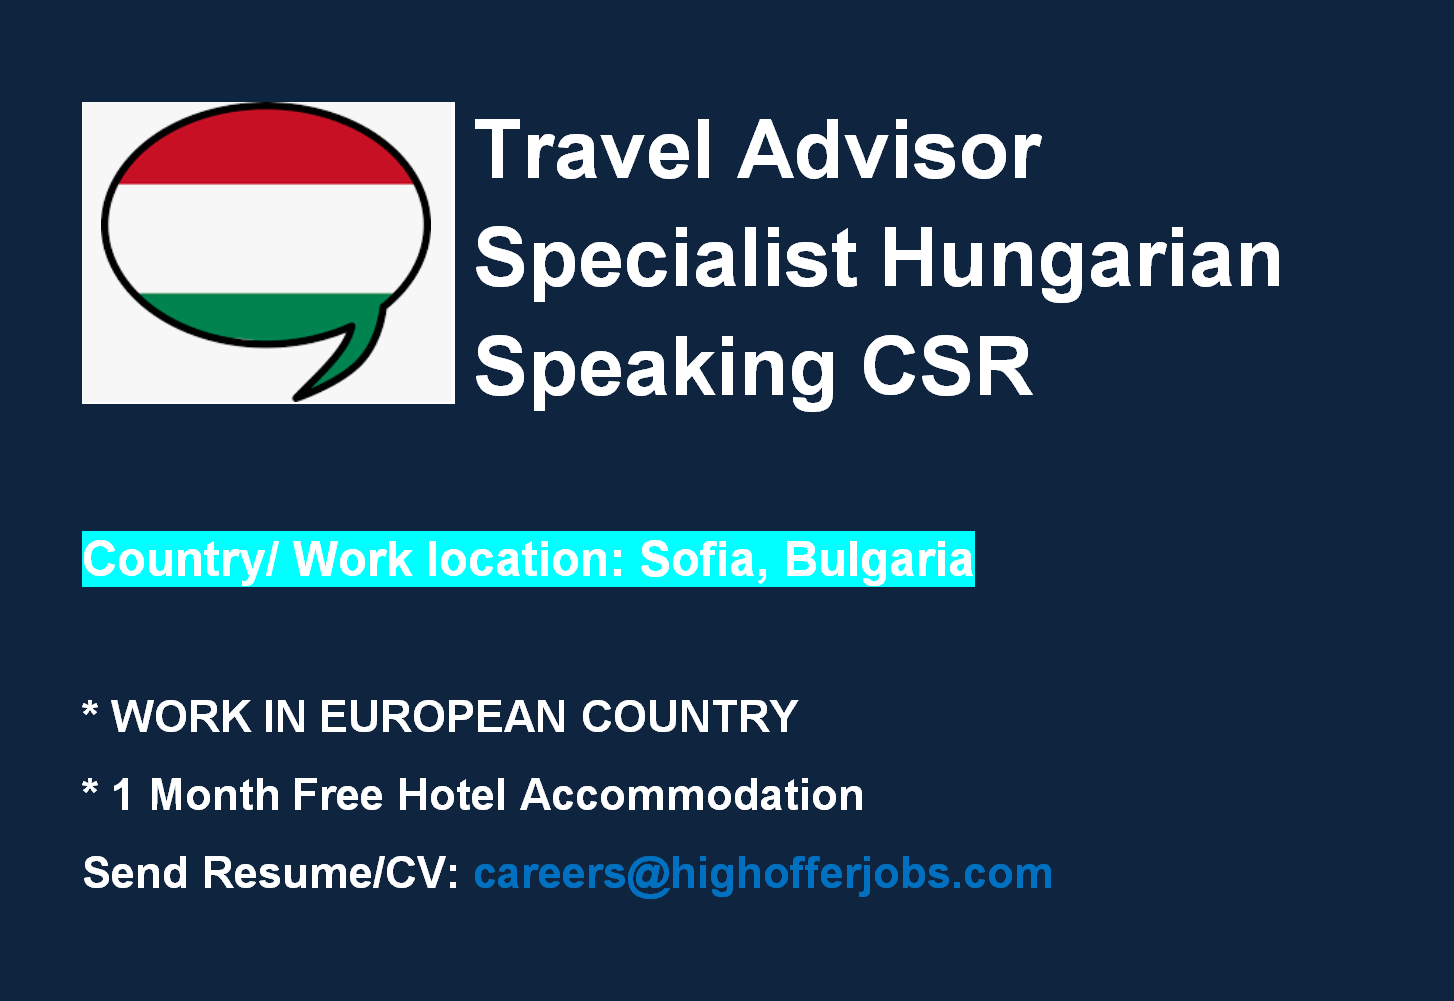 Travel Advisor Specialist - Hungarian Speaking CSR for Air France